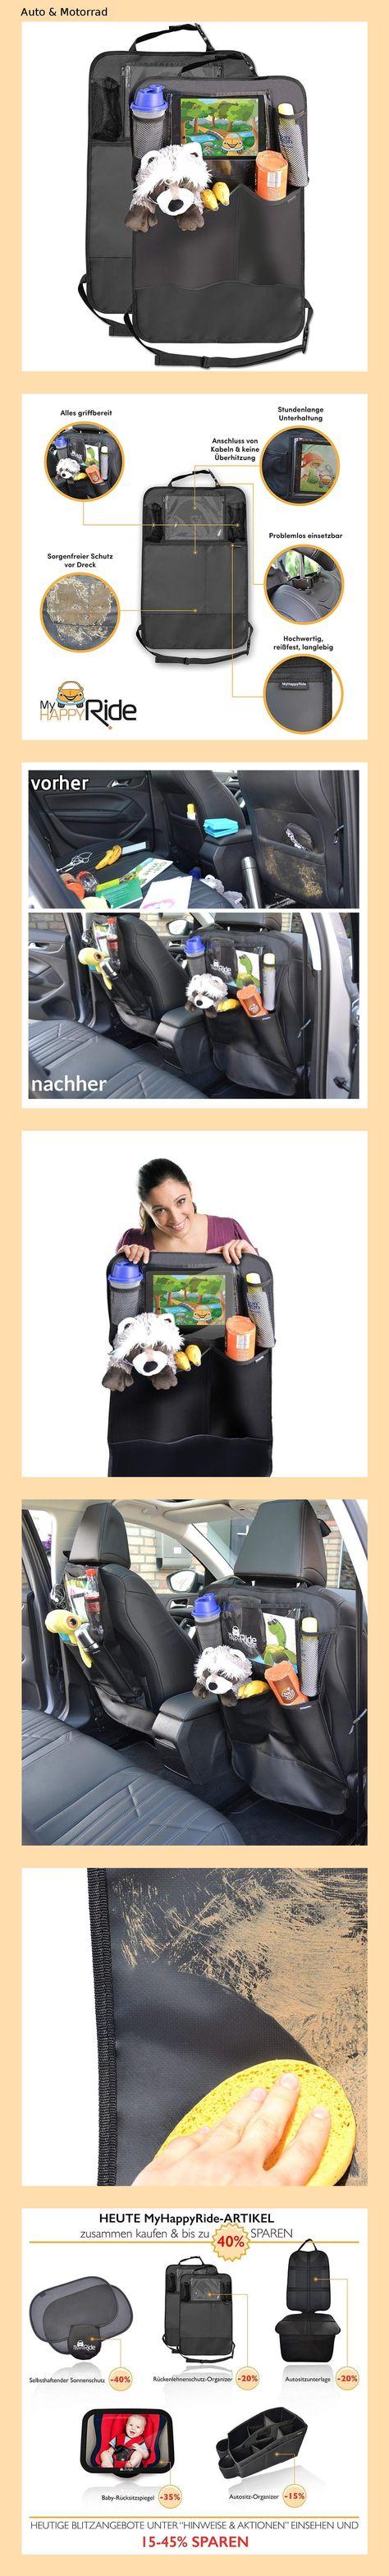 Kinder Auto Organizer Wasserdicht Autositzschoner mit Gro/ße Taschen und iPad-//Tablet-Fach Kick-Matten-Schutz f/ür Autositz 2 St/ück Auto R/ückenlehnenschutz